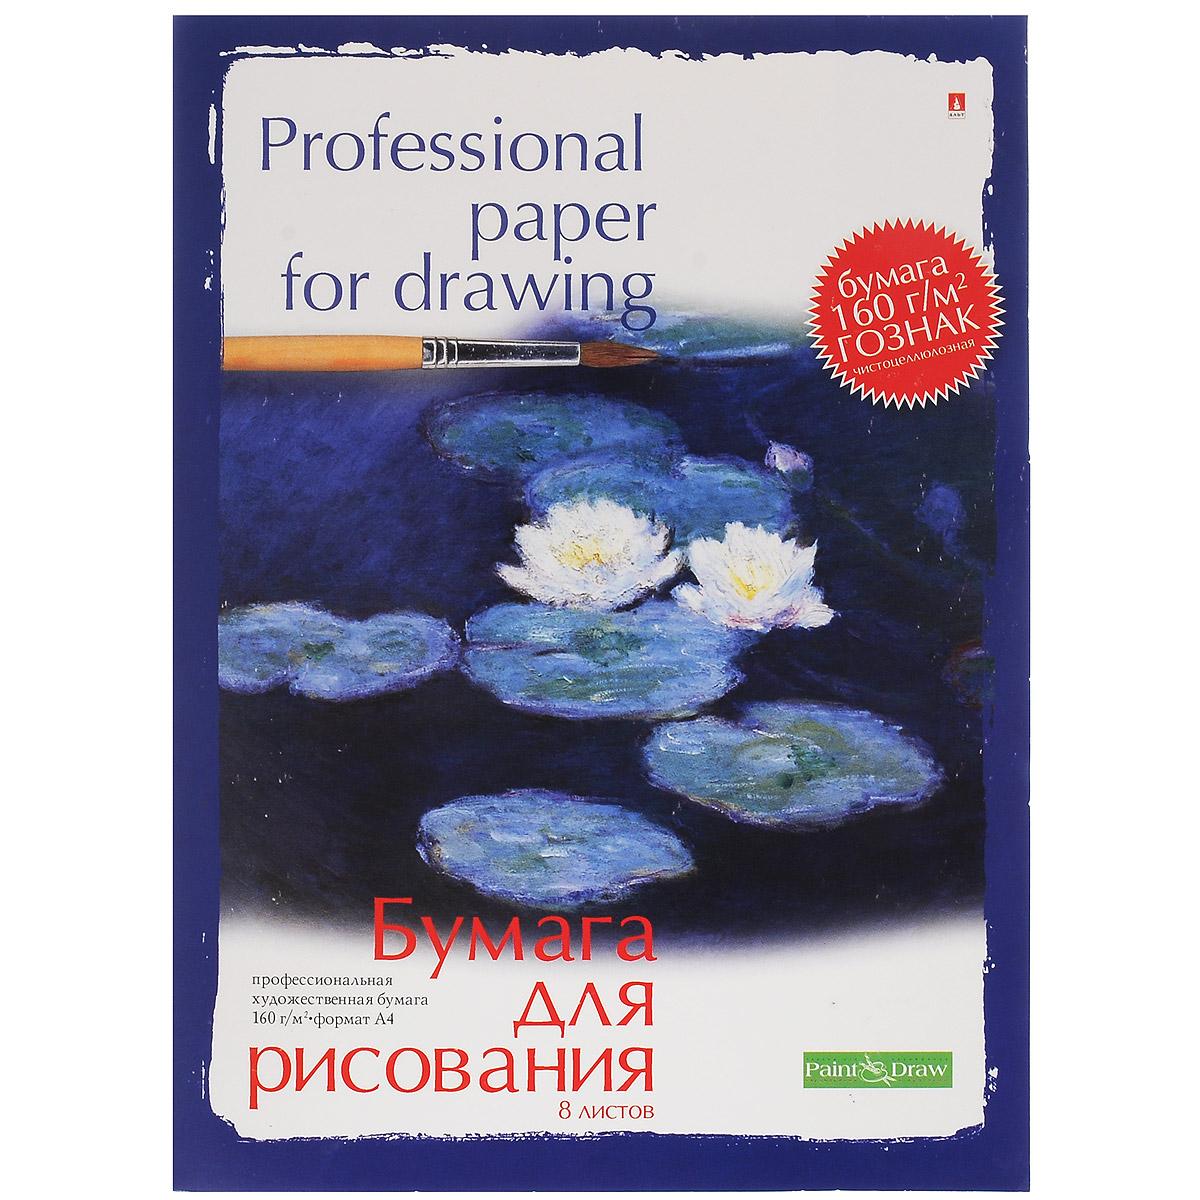 Бумага для рисования Альт, профессиональная, формат А4, 8 листов0703415Бумага для рисования Альт идеально подходит для творчества начинающих и профессиональных художников. Это высококачественная чистоцеллюлозная бумага, специально разработанная для рисования. При многократном использовании ластика, поправок карандашом структура листа не повреждается.Бумага соответствует всем стандартам качества и имеет плотность 160 г/м2.Папка содержит 8 листов формата A4.